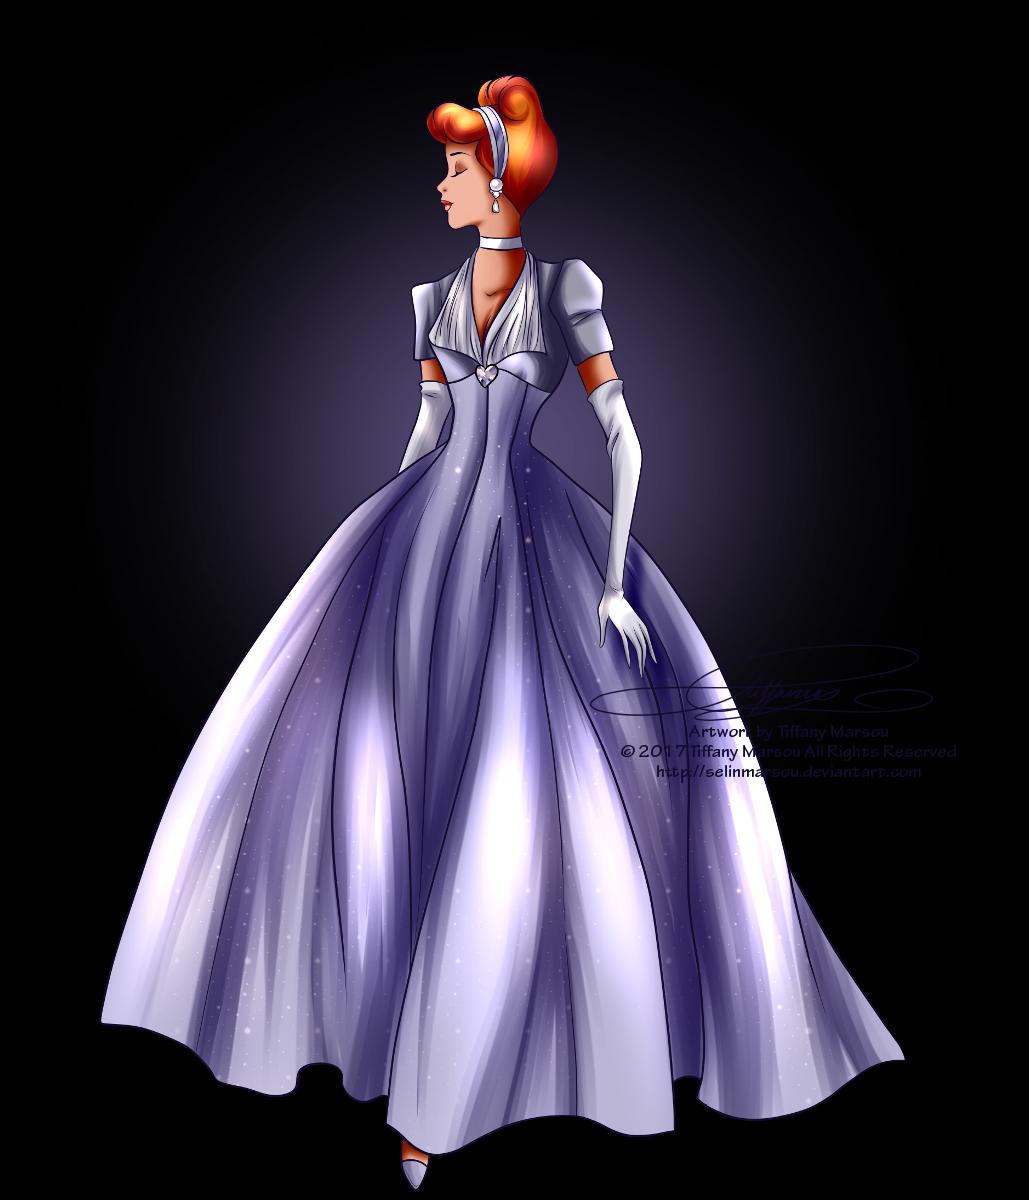 Картинки принцессы дисней в бальных платьях